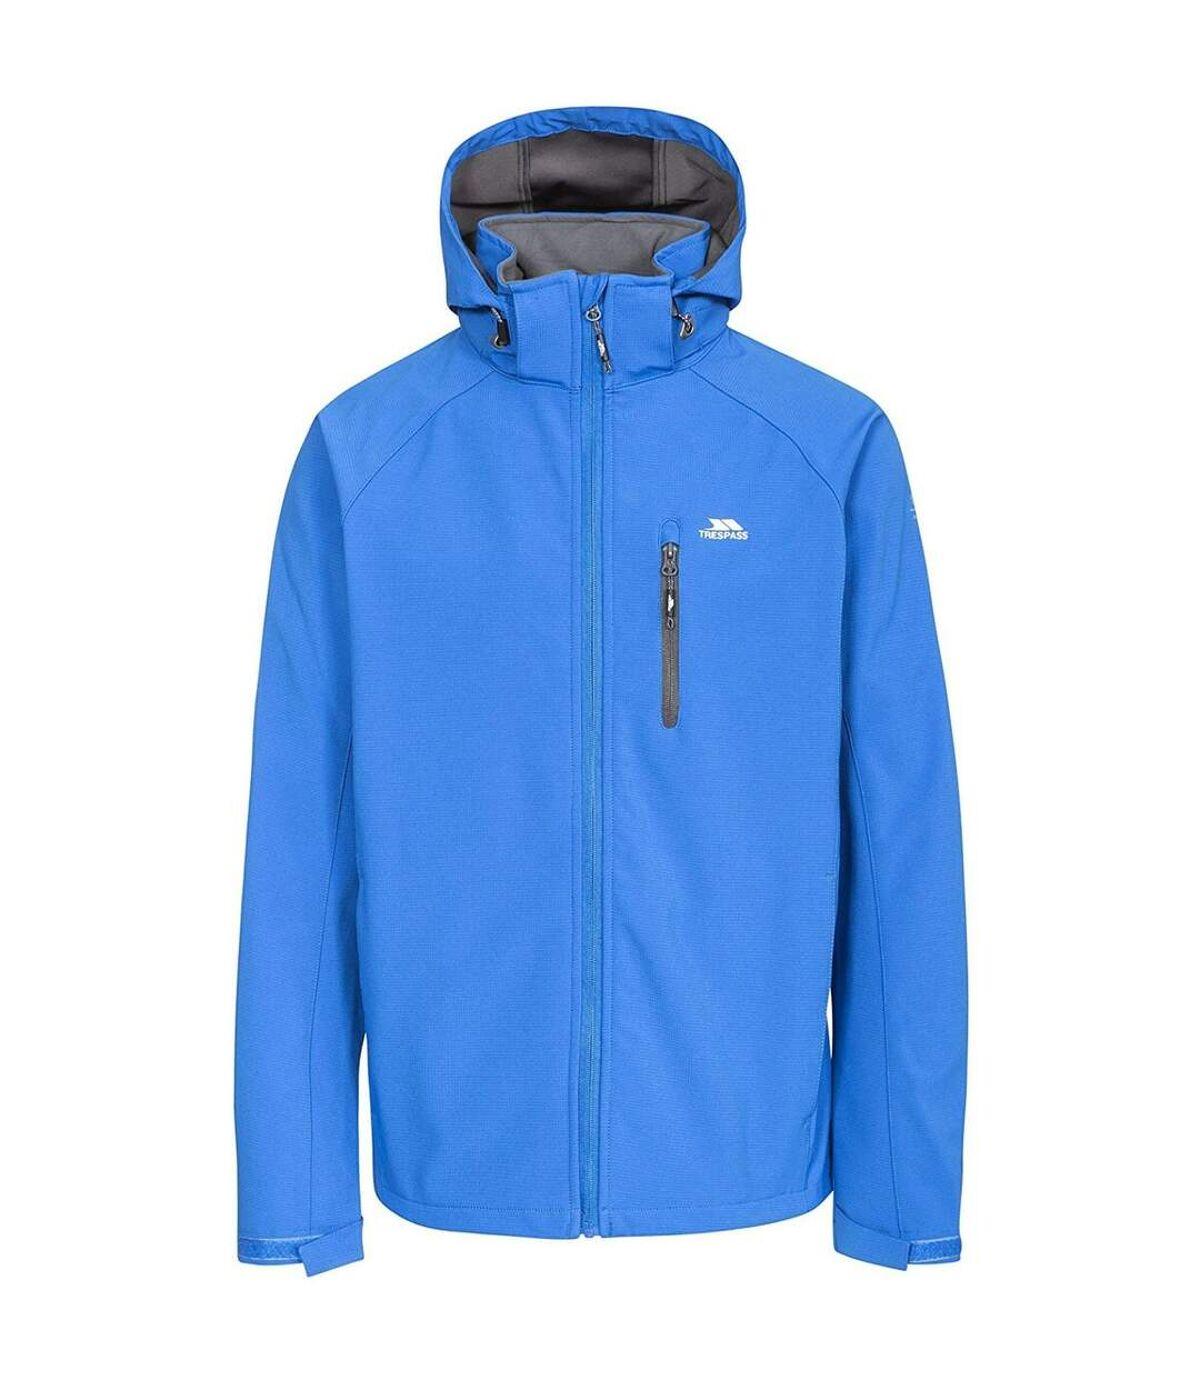 Trespass Mens Nider Waterproof Softshell Jacket (Blue) - UTTP4135